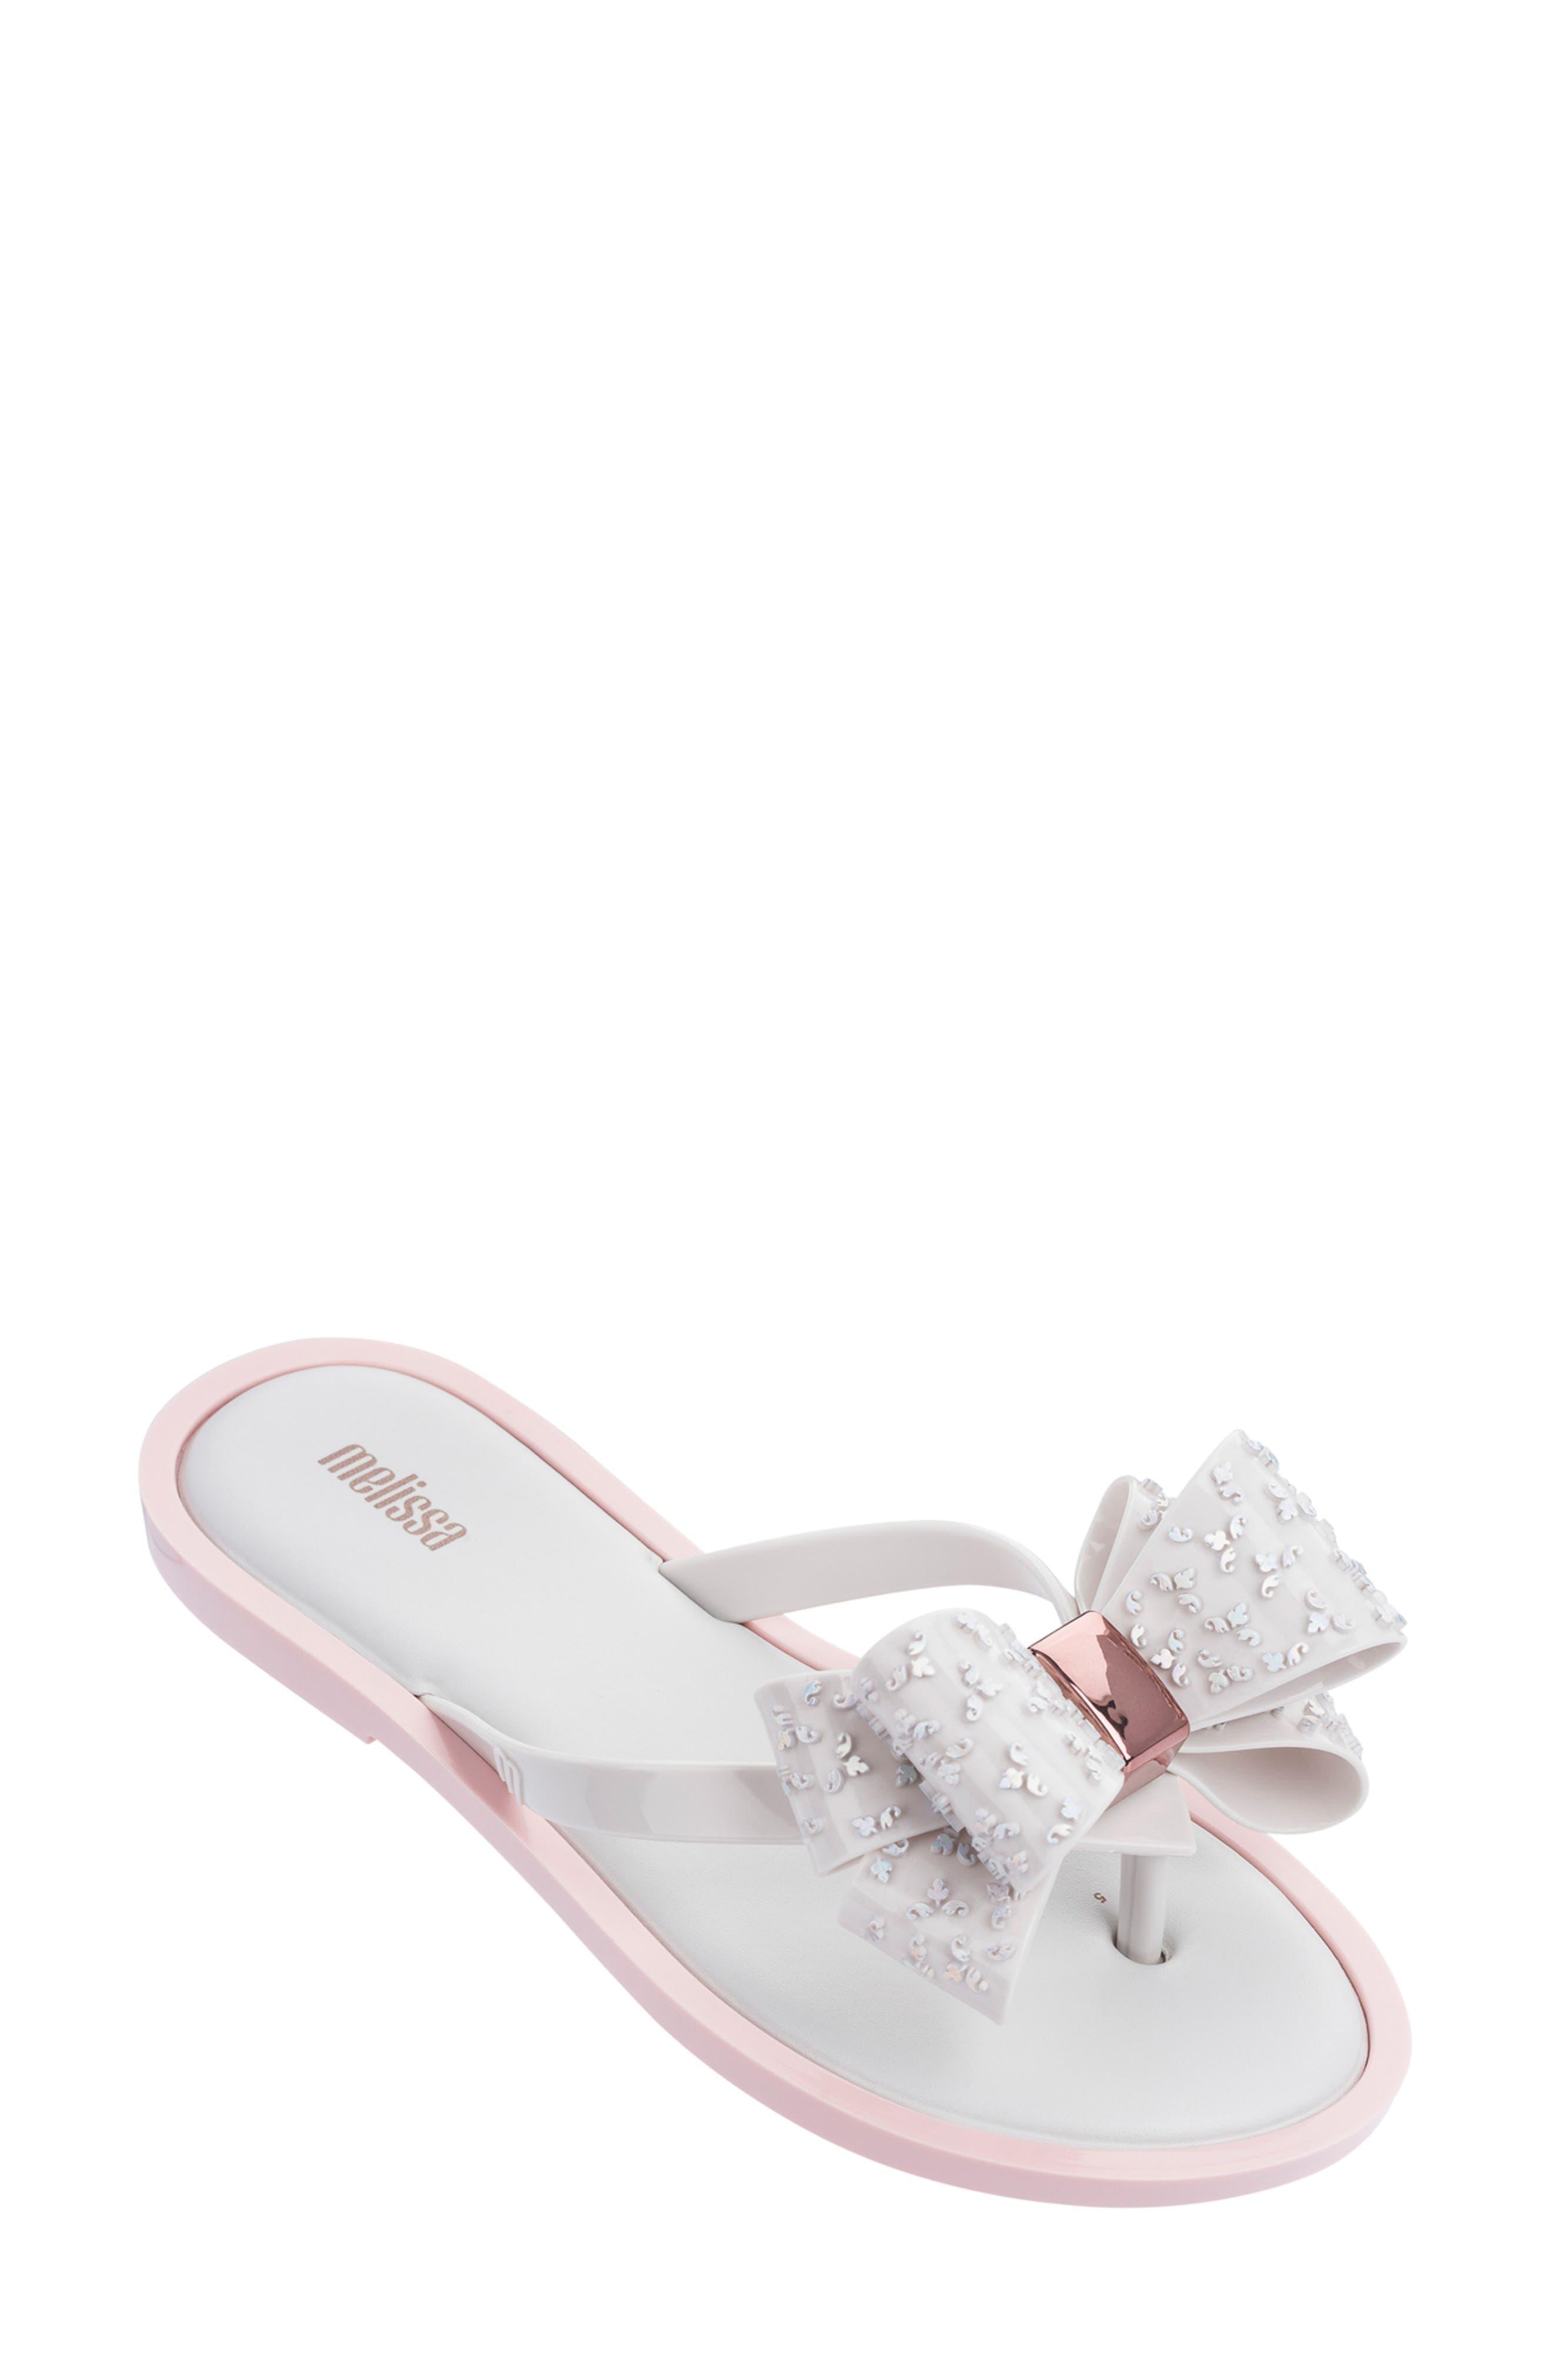 Melissa Sweet Flip Flop, White